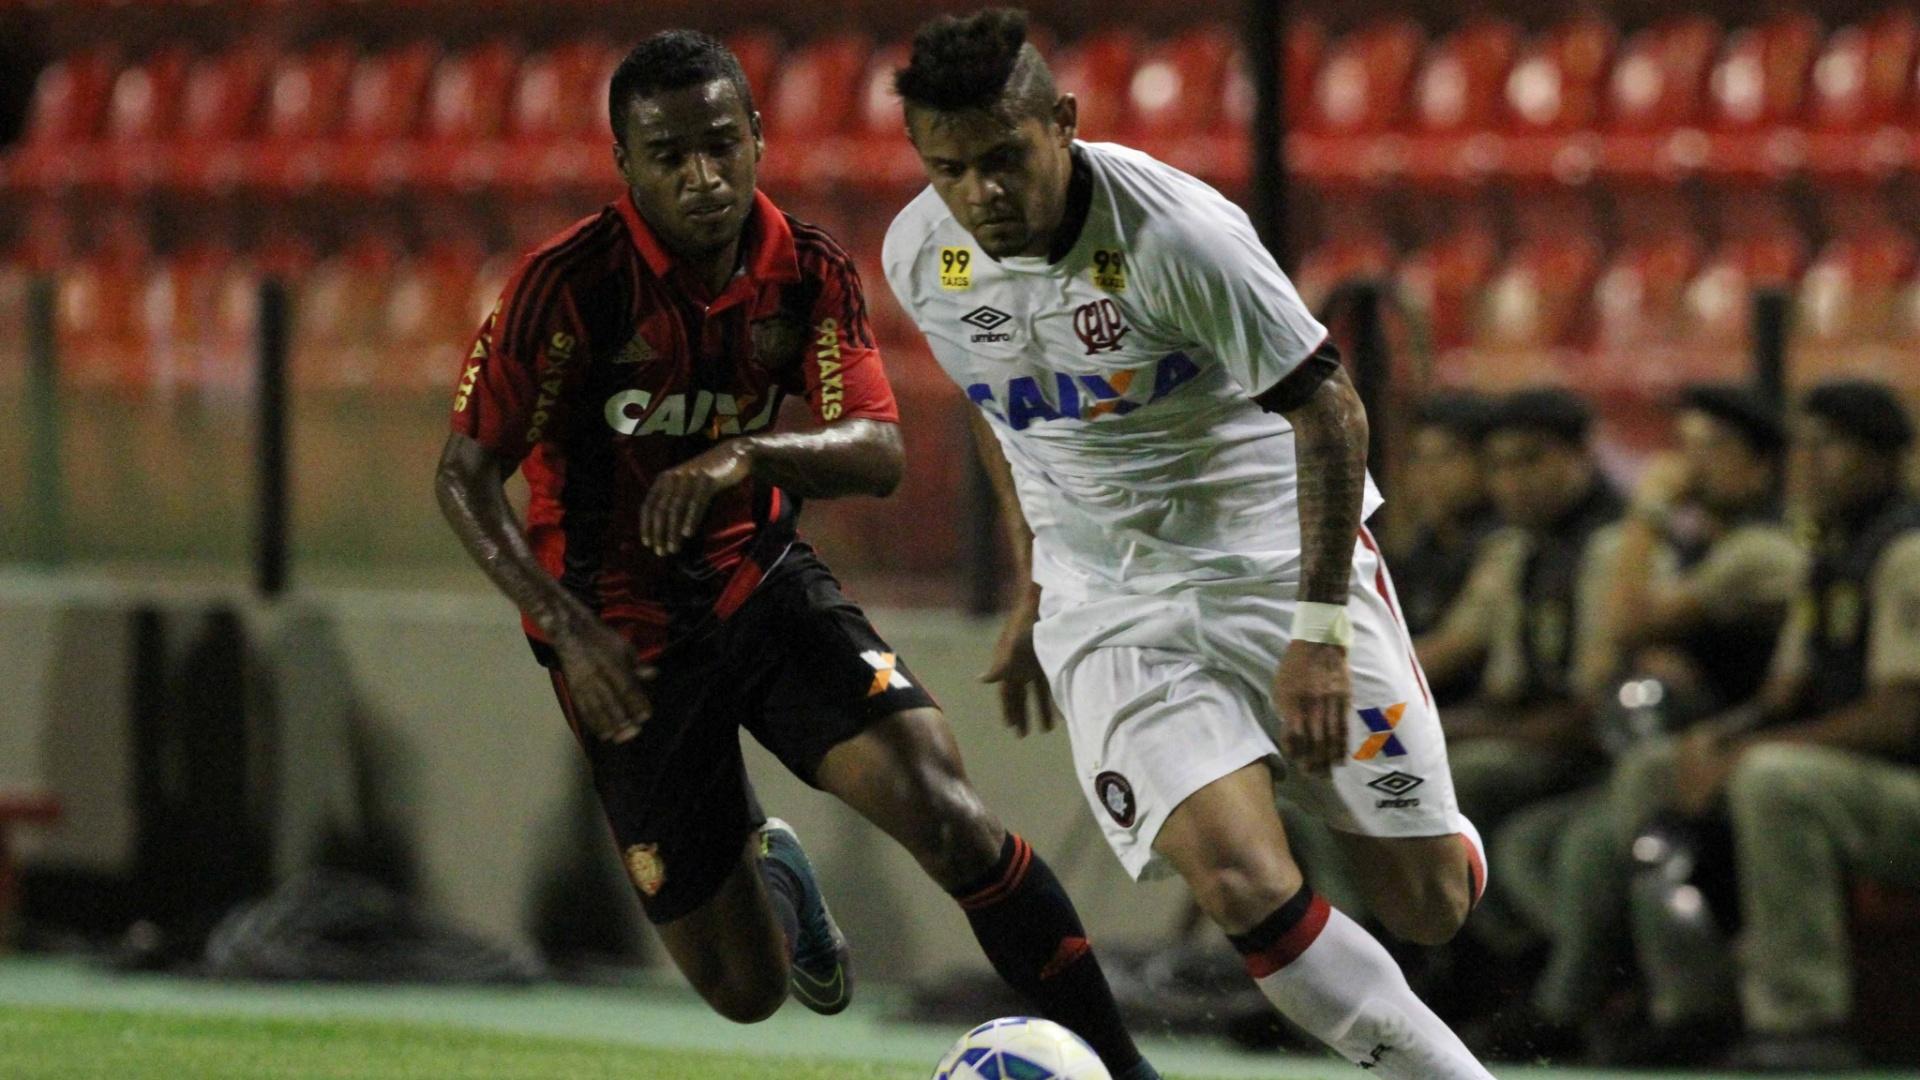 Jogadores de Atlético-PR e Sport duelam pela bola na partida das equipes no Brasileirão